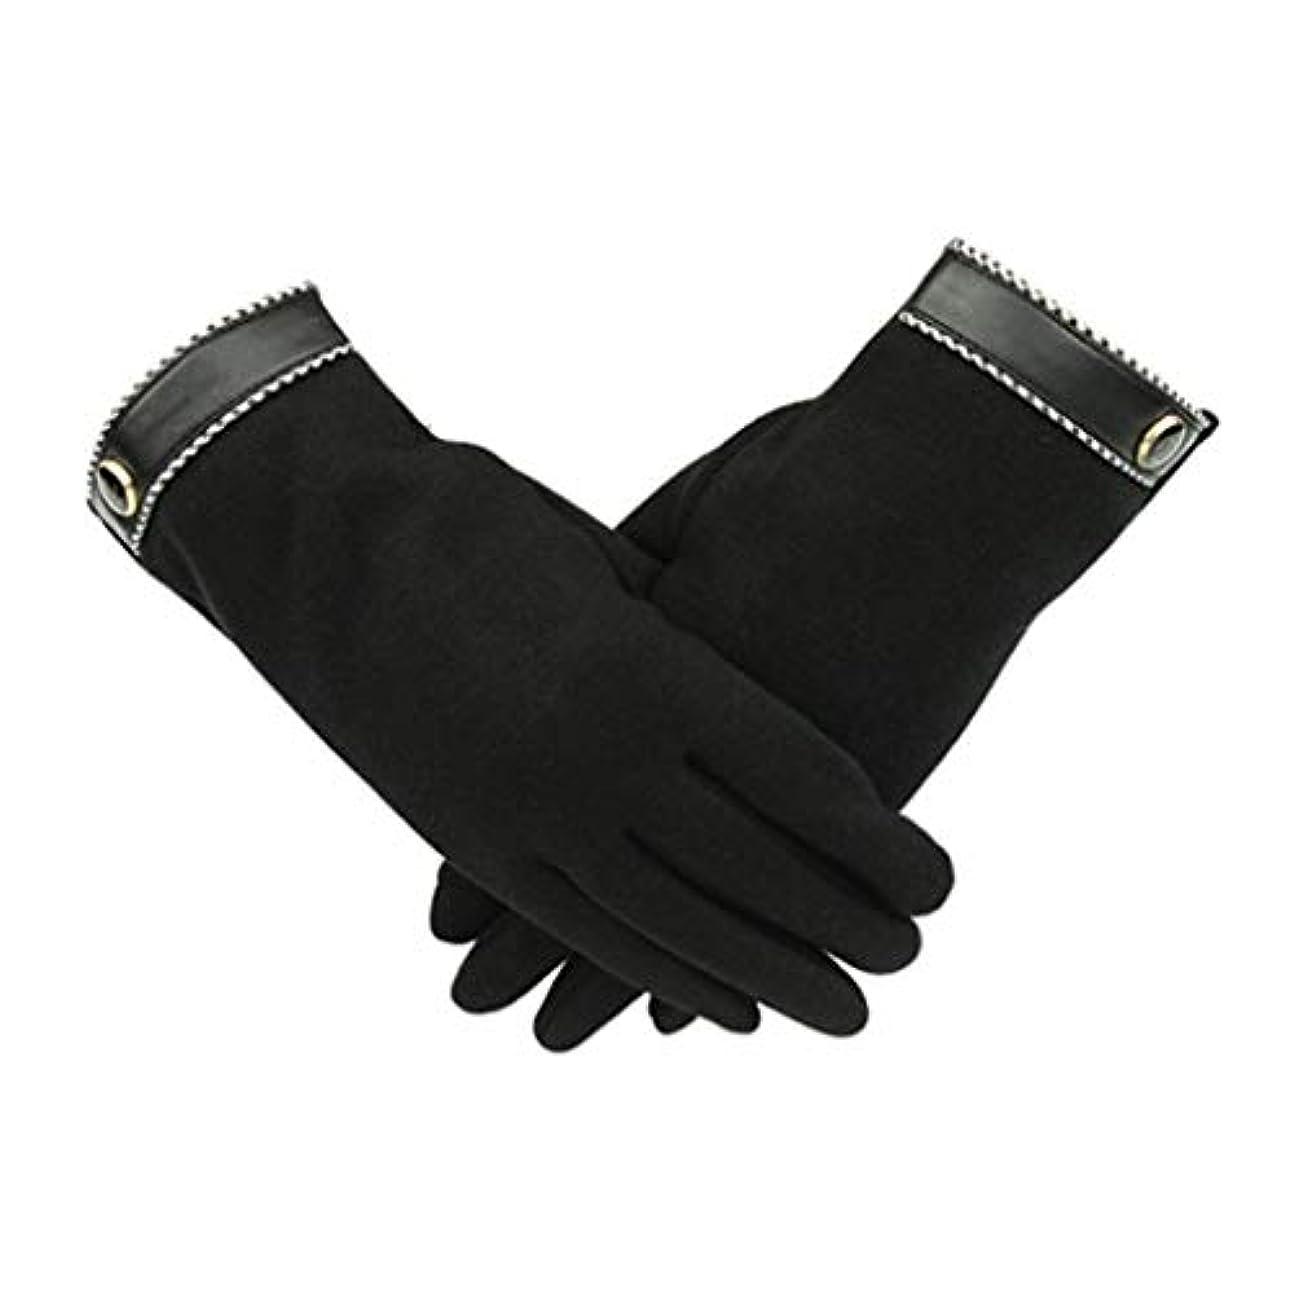 手袋の男性プラスベルベット暖かい春と秋冬の屋外旅行は、ベルベットのタッチスクリーンの手袋ではない (色 : 黒)